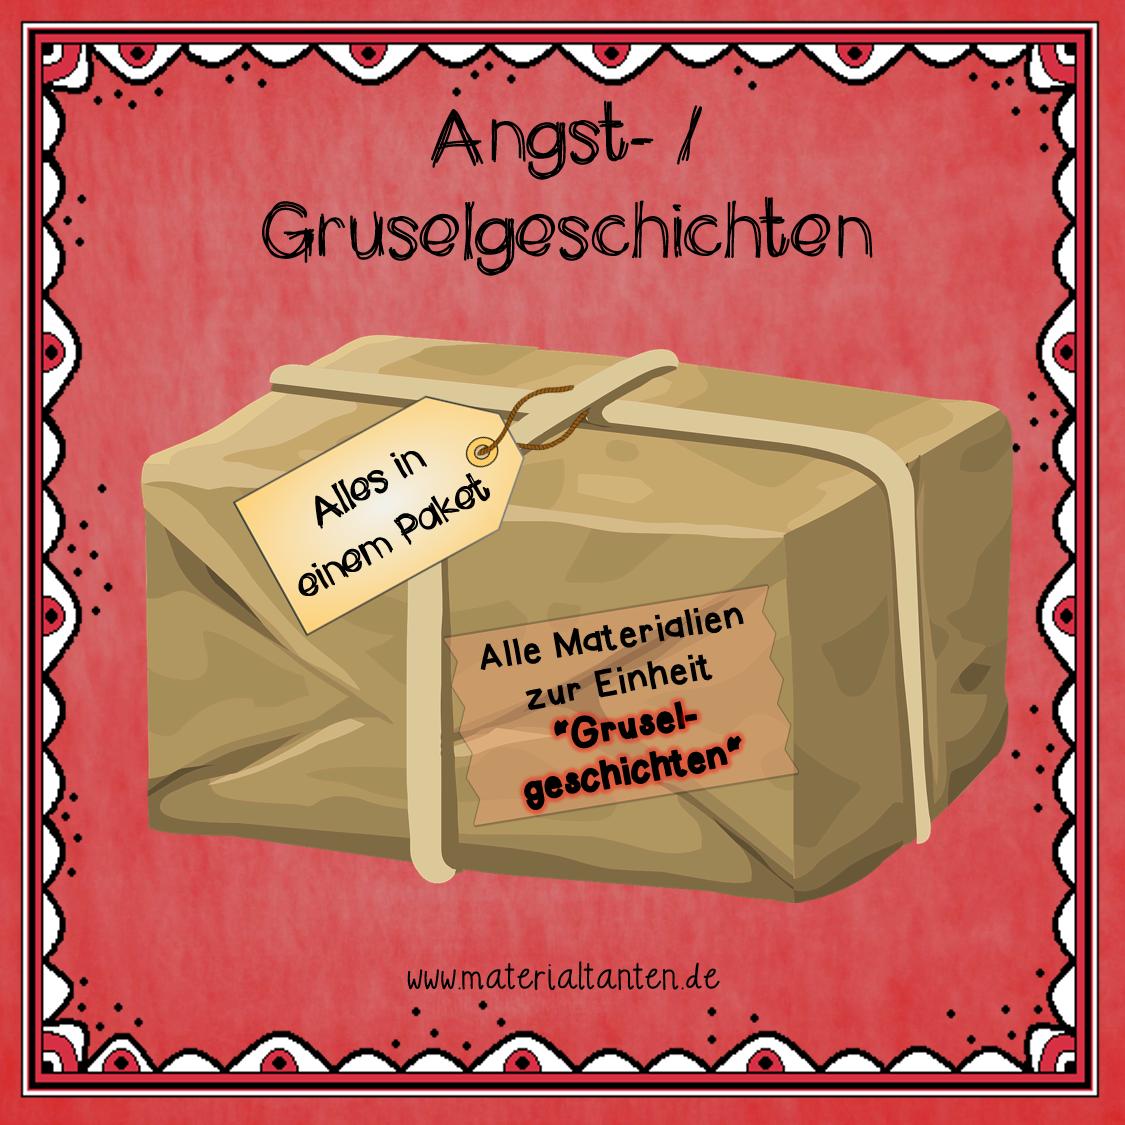 D 5_6 Angst_Gruselgeschichten Paket Deckblatt